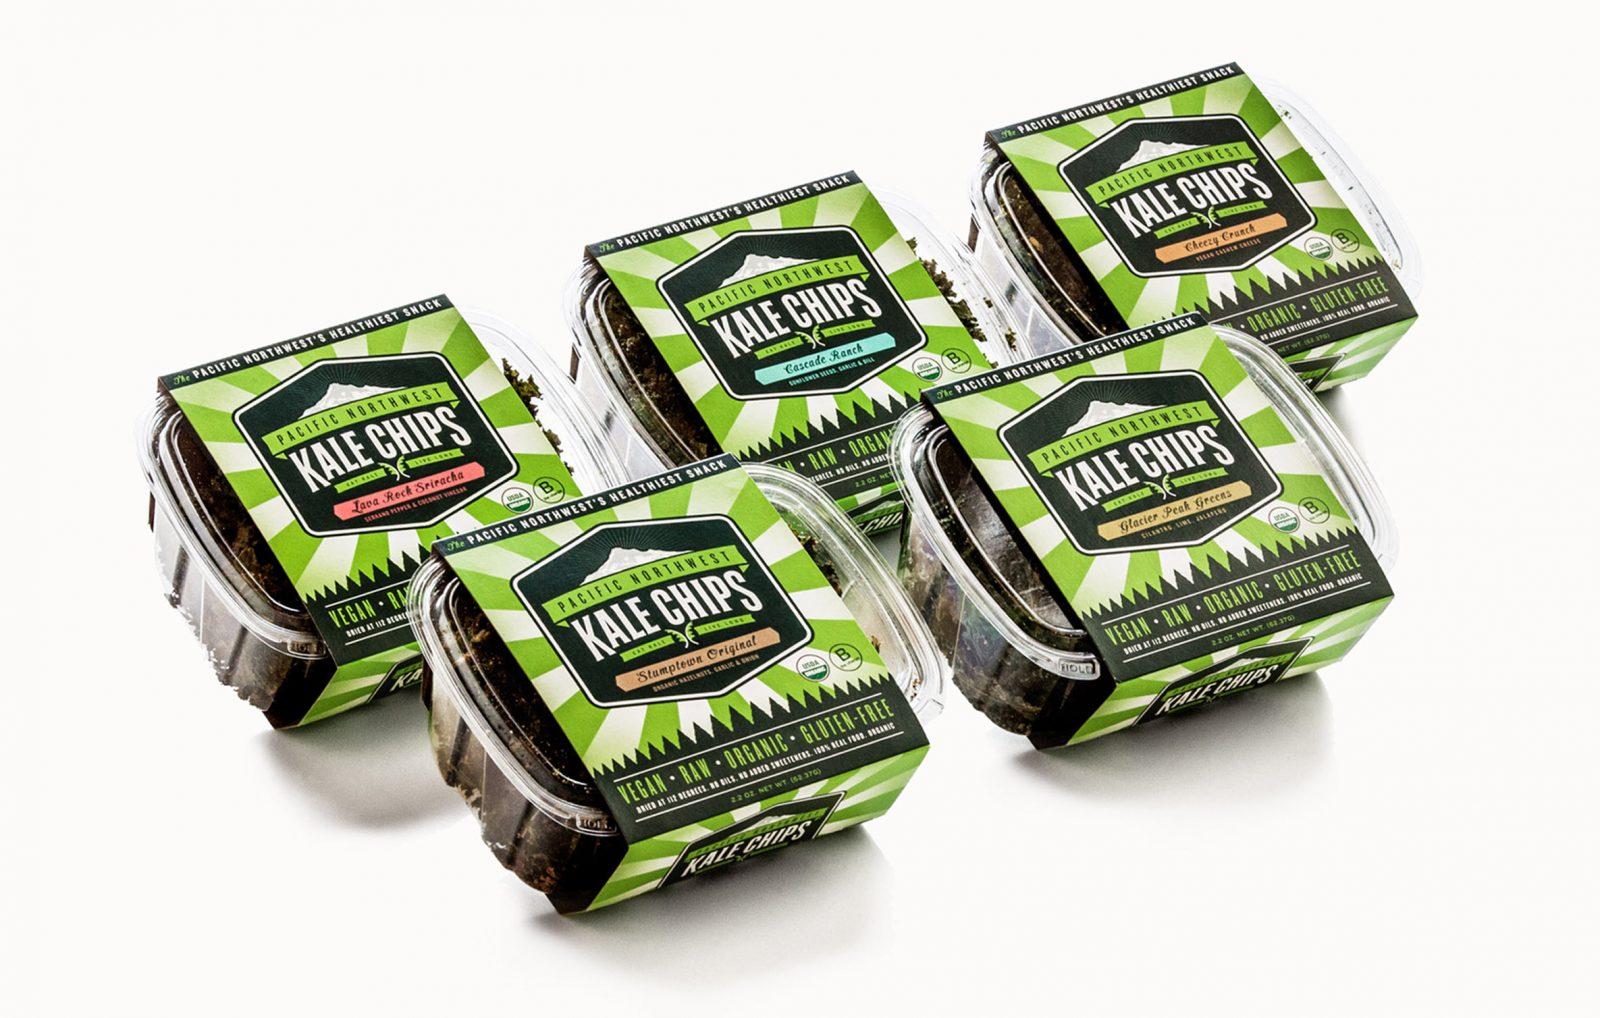 Kale Chips packaging design